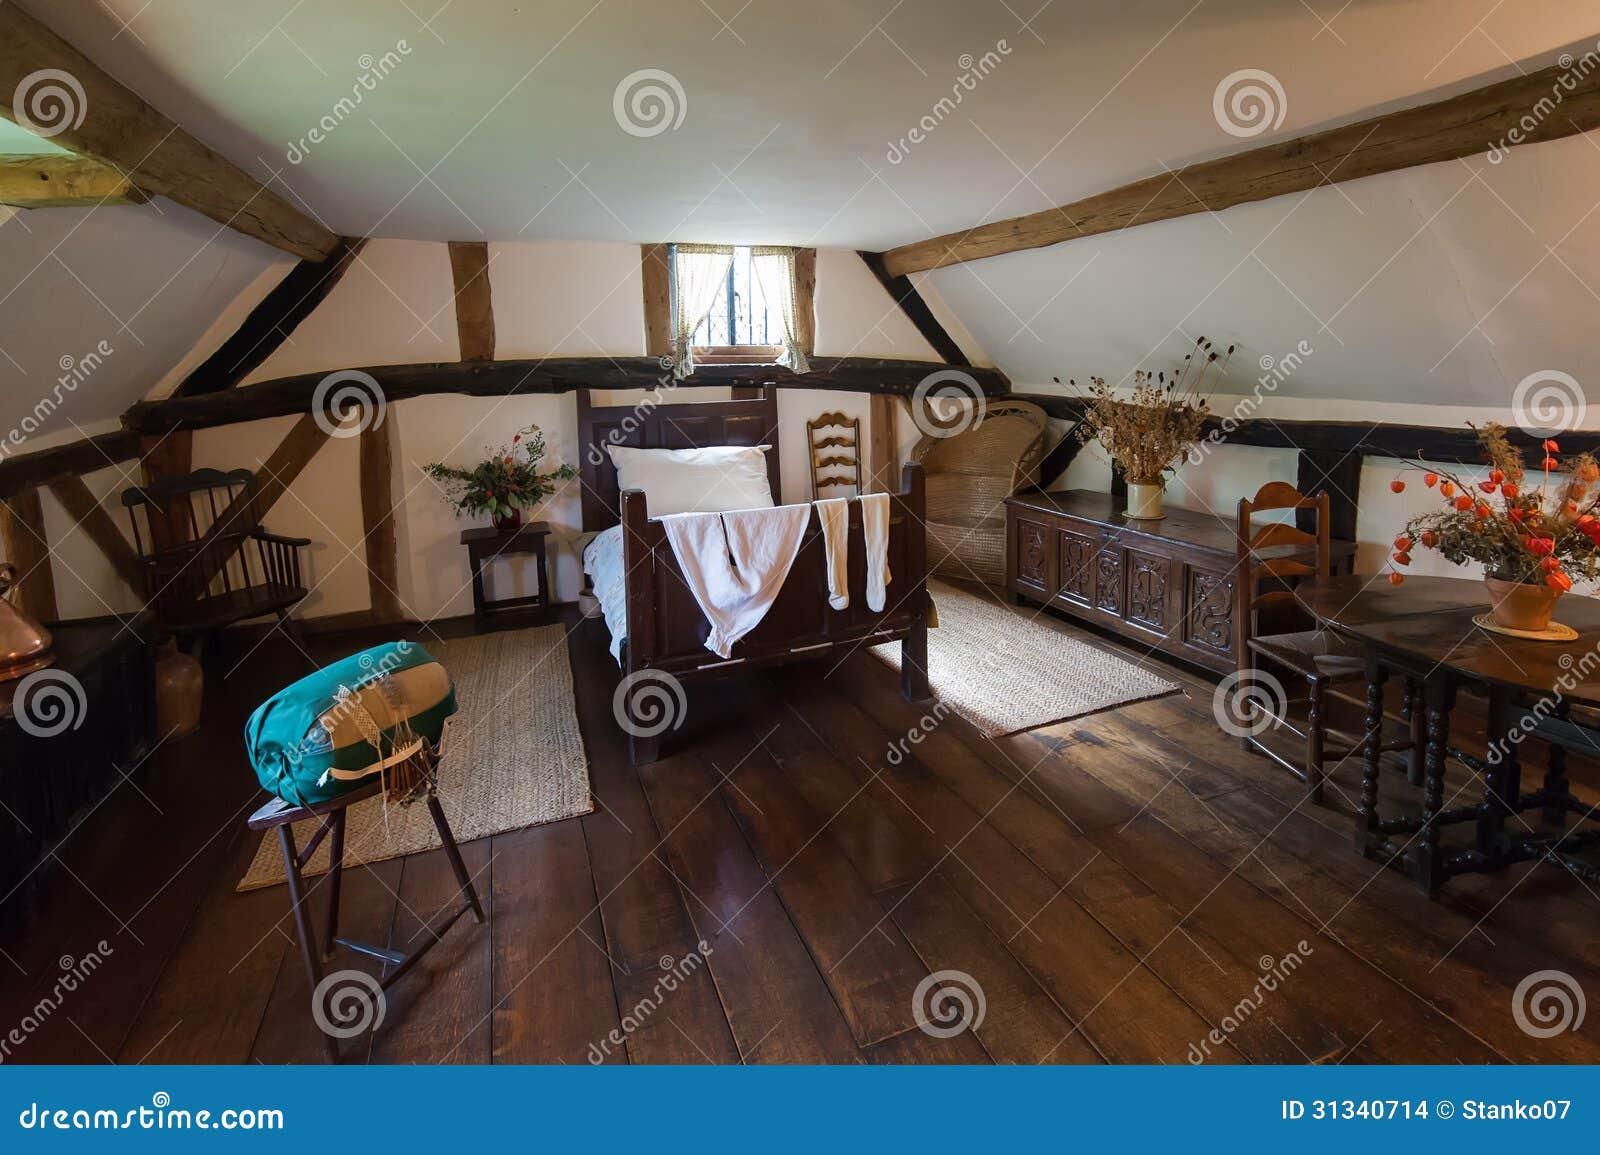 Woonkamer Rustiek : Binnenland van een woonkamer in een oud, rustiek ...